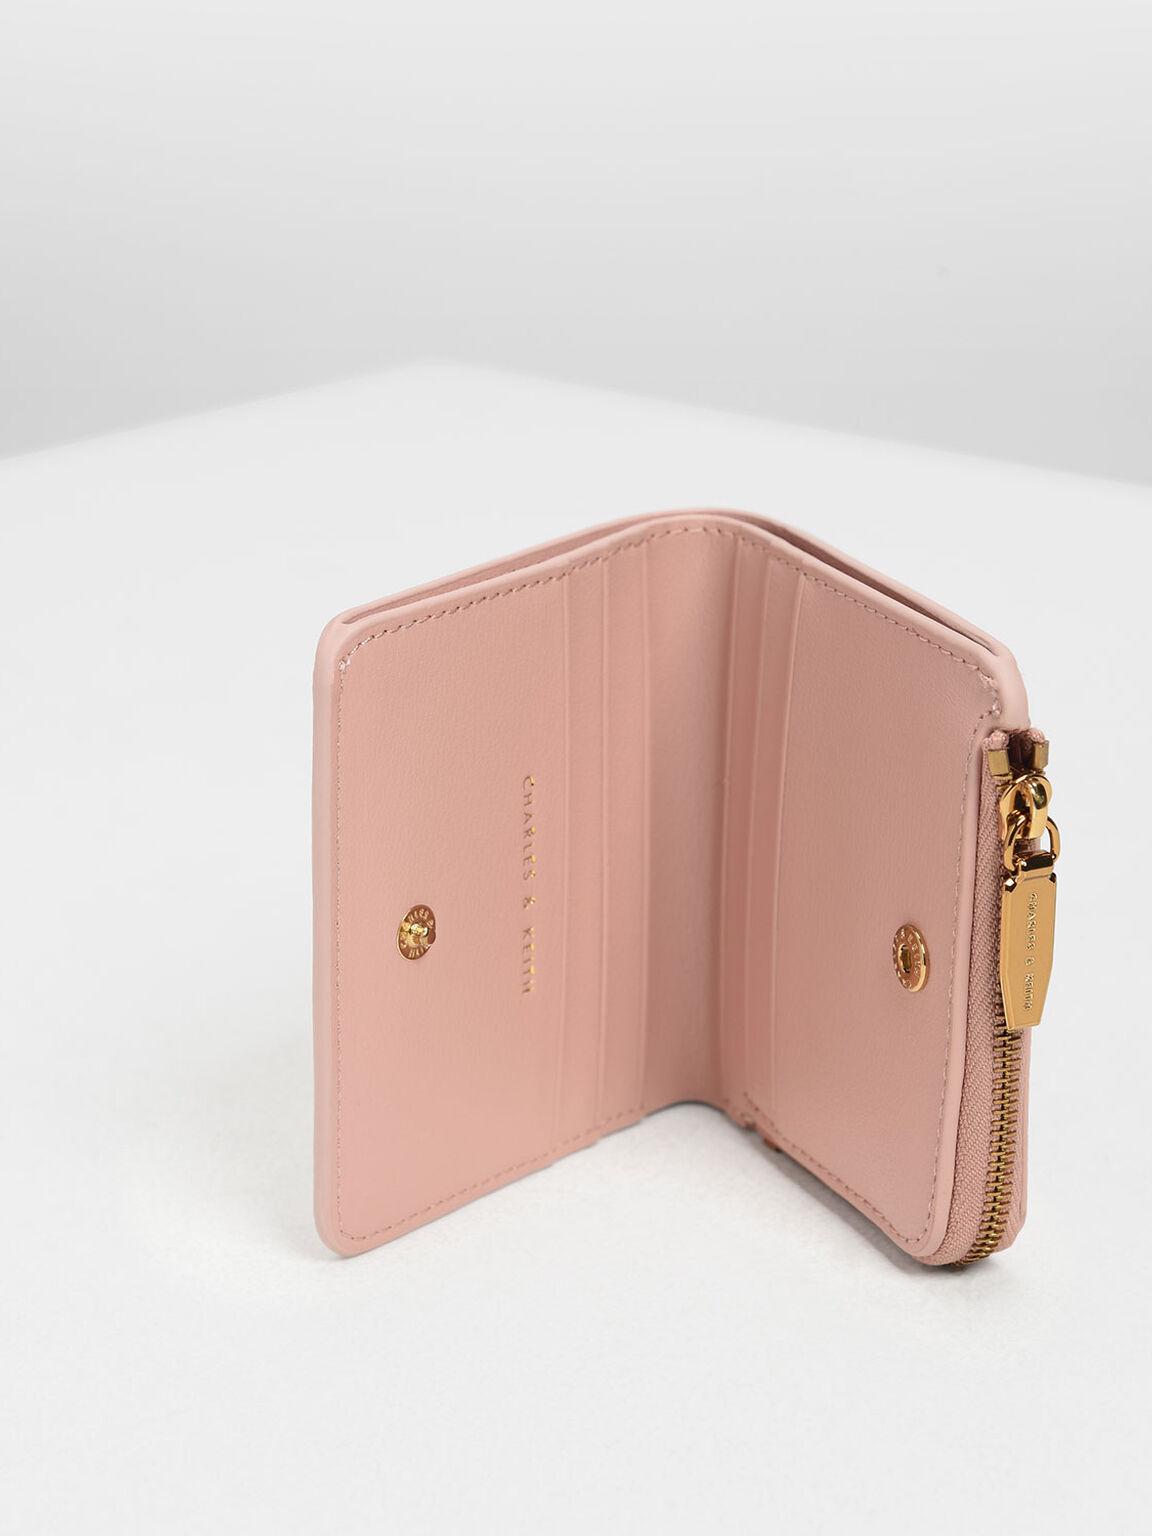 拉鍊式短夾, 粉紅色, hi-res